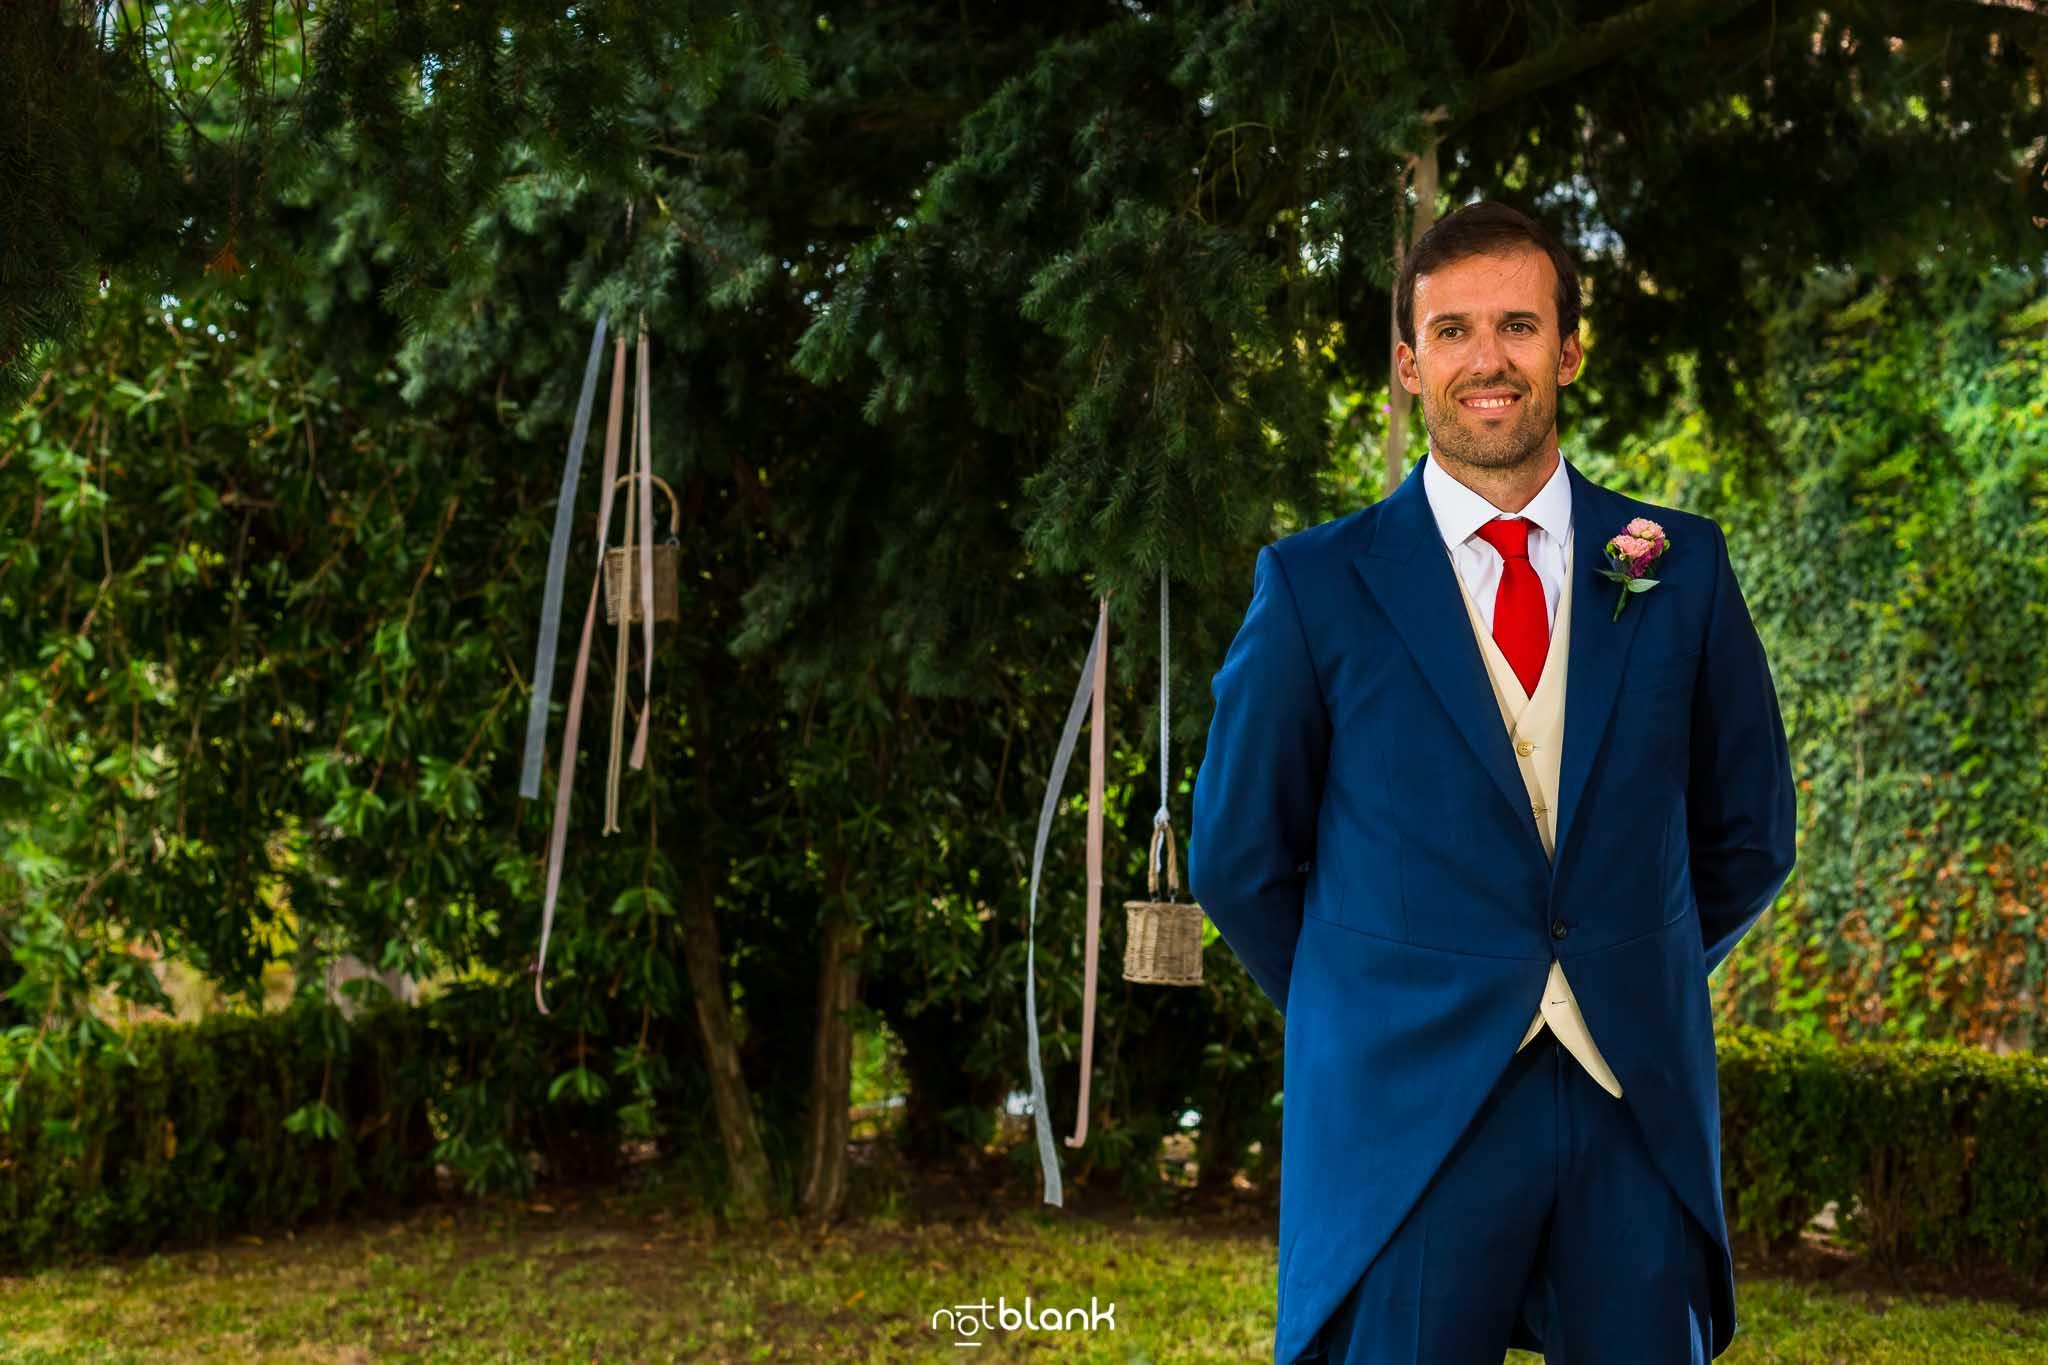 Boda En El Jardin De Casa Jana y Fran - El novio espera a la novia en el altar de la ceremonia civil - Notblank Fotografos de boda